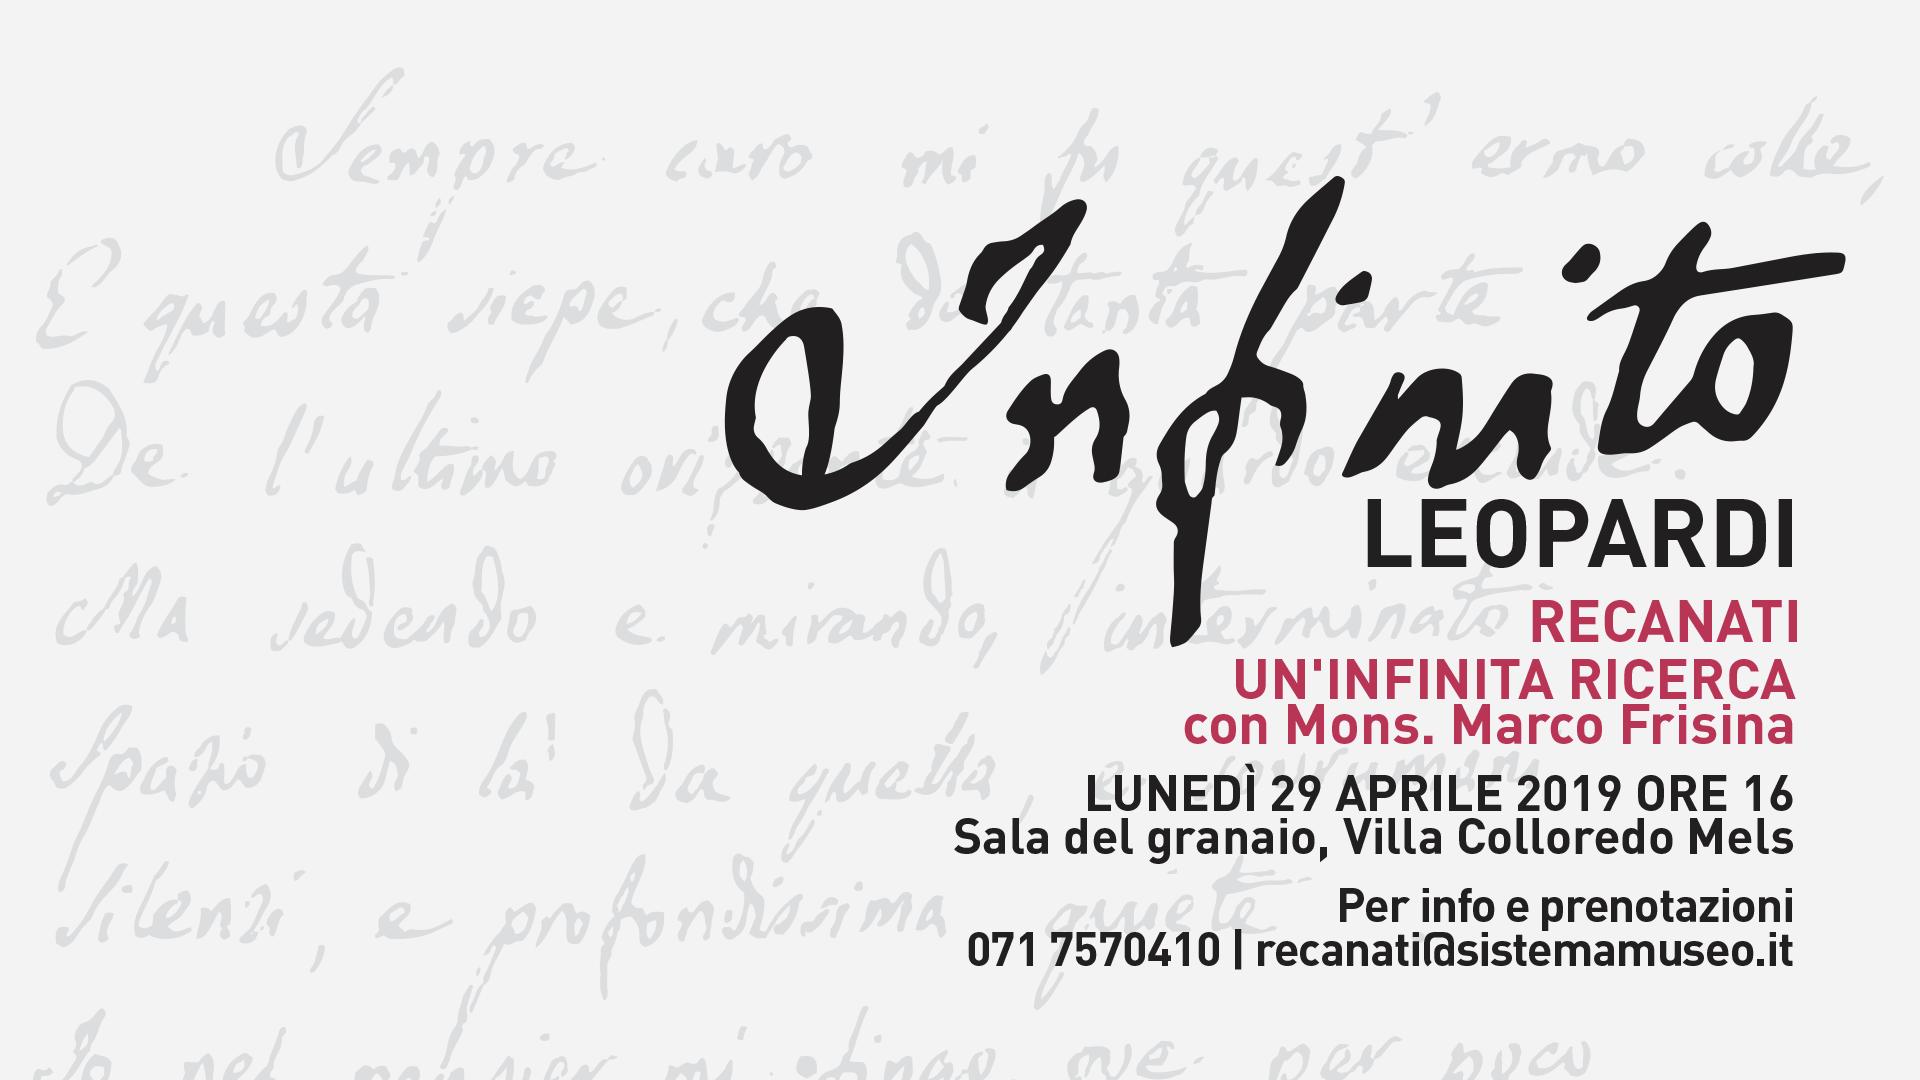 &quote;Un'infinita ricerca&quote;, viaggio spirituale ne L'Infinito di Giacomo Leopardi